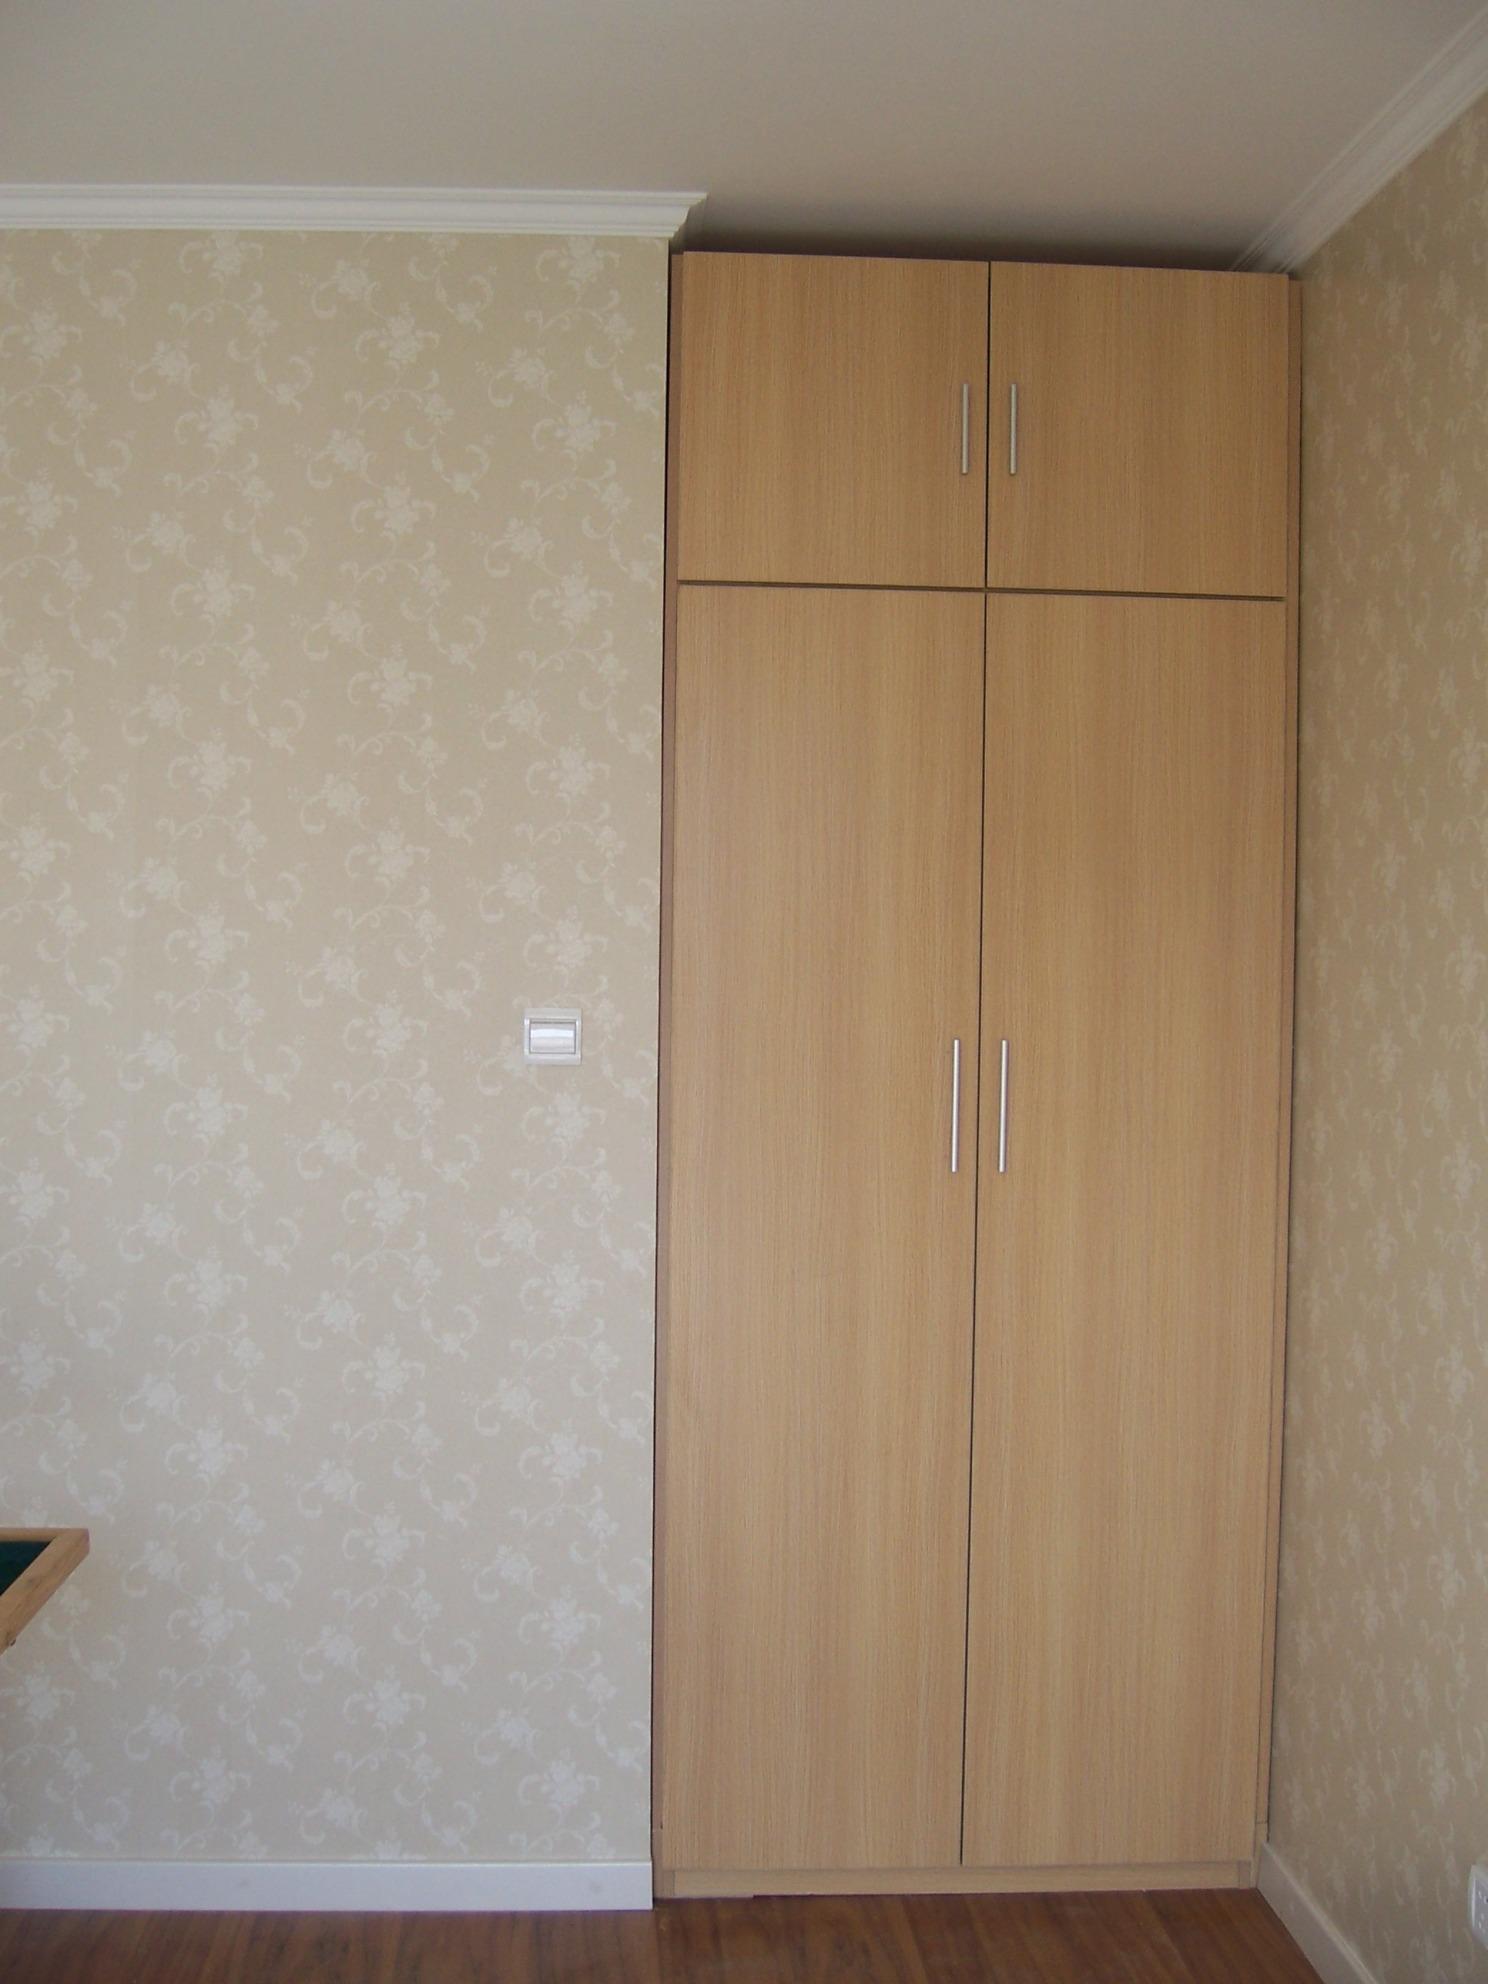 Sliding Door Sliding Door Bedroom Wardrobes Sliding Door Sliding - Bedroom wardrobe sliding doors